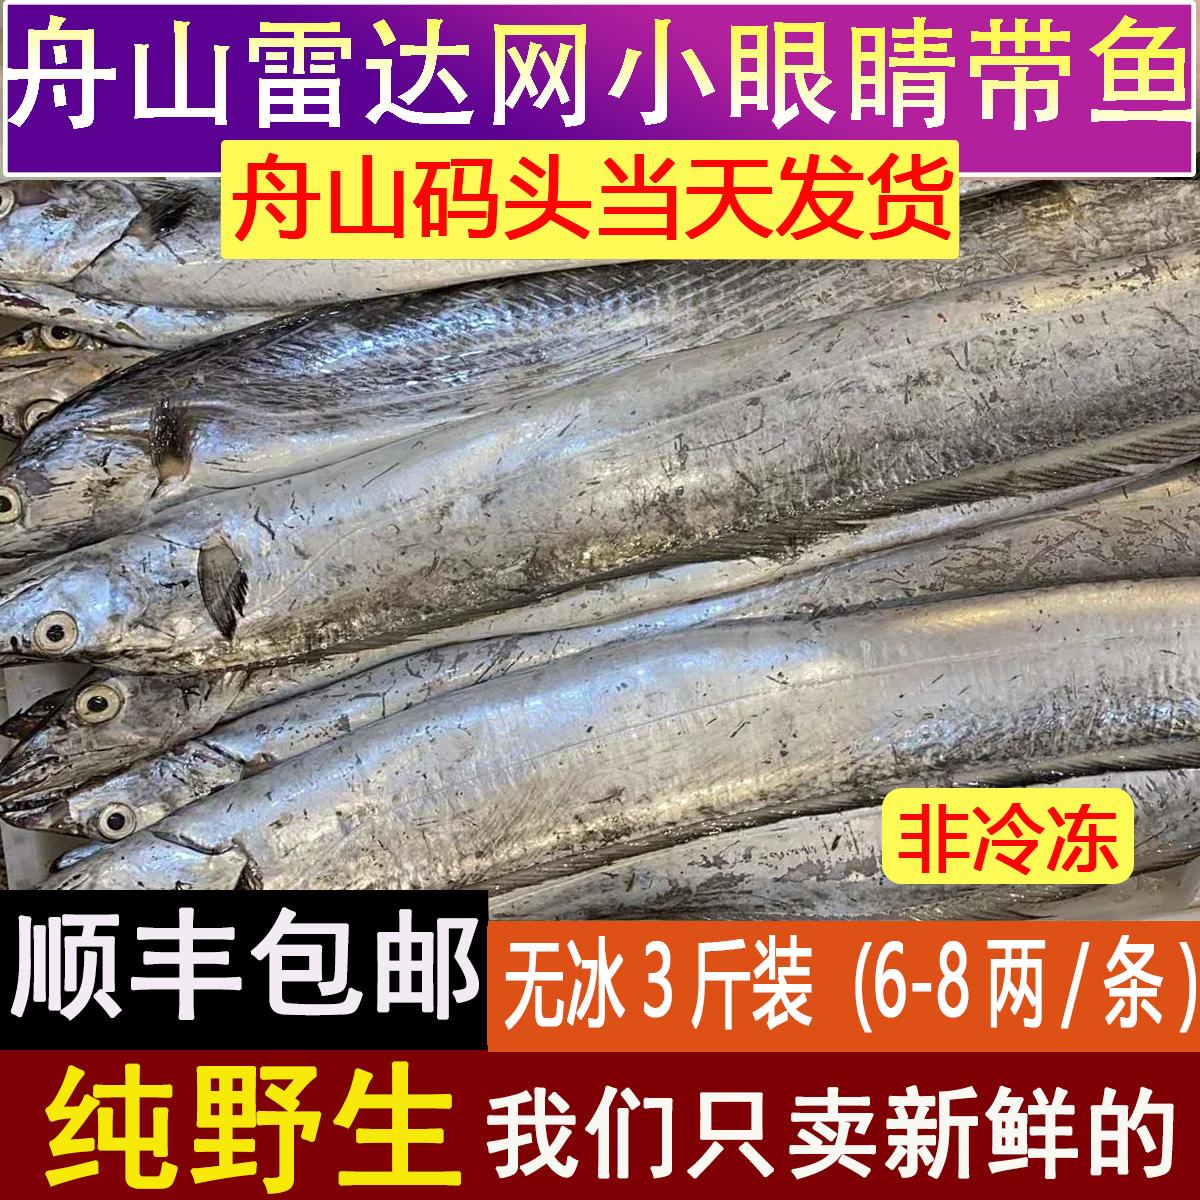 冷凍 太刀魚